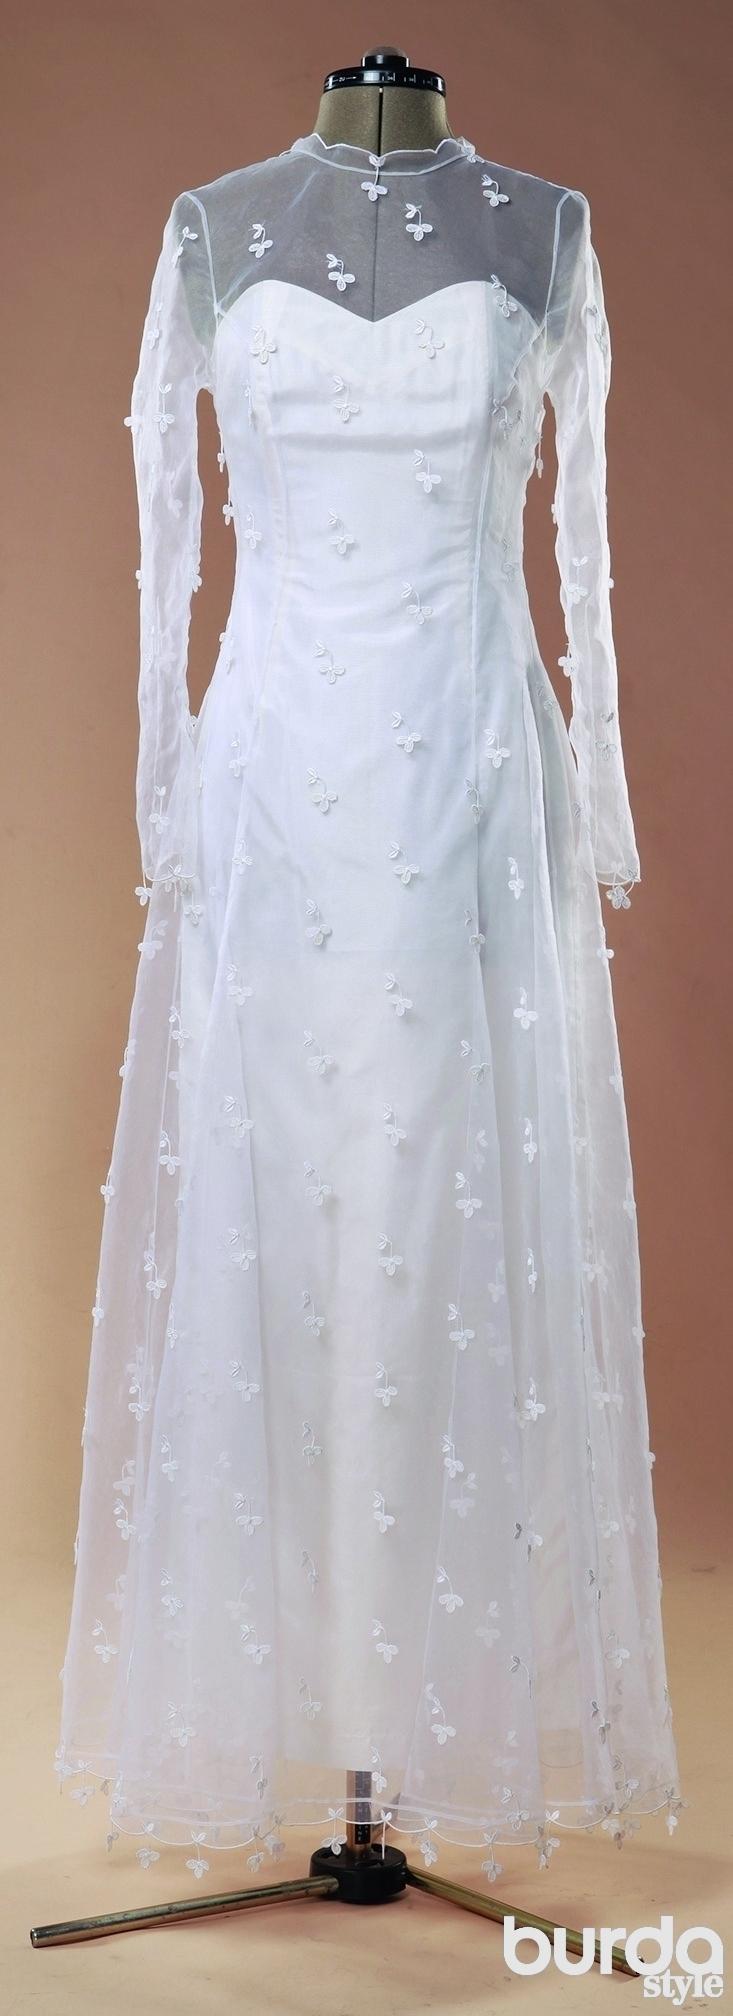 Как шить изорганзы: свадебное платье